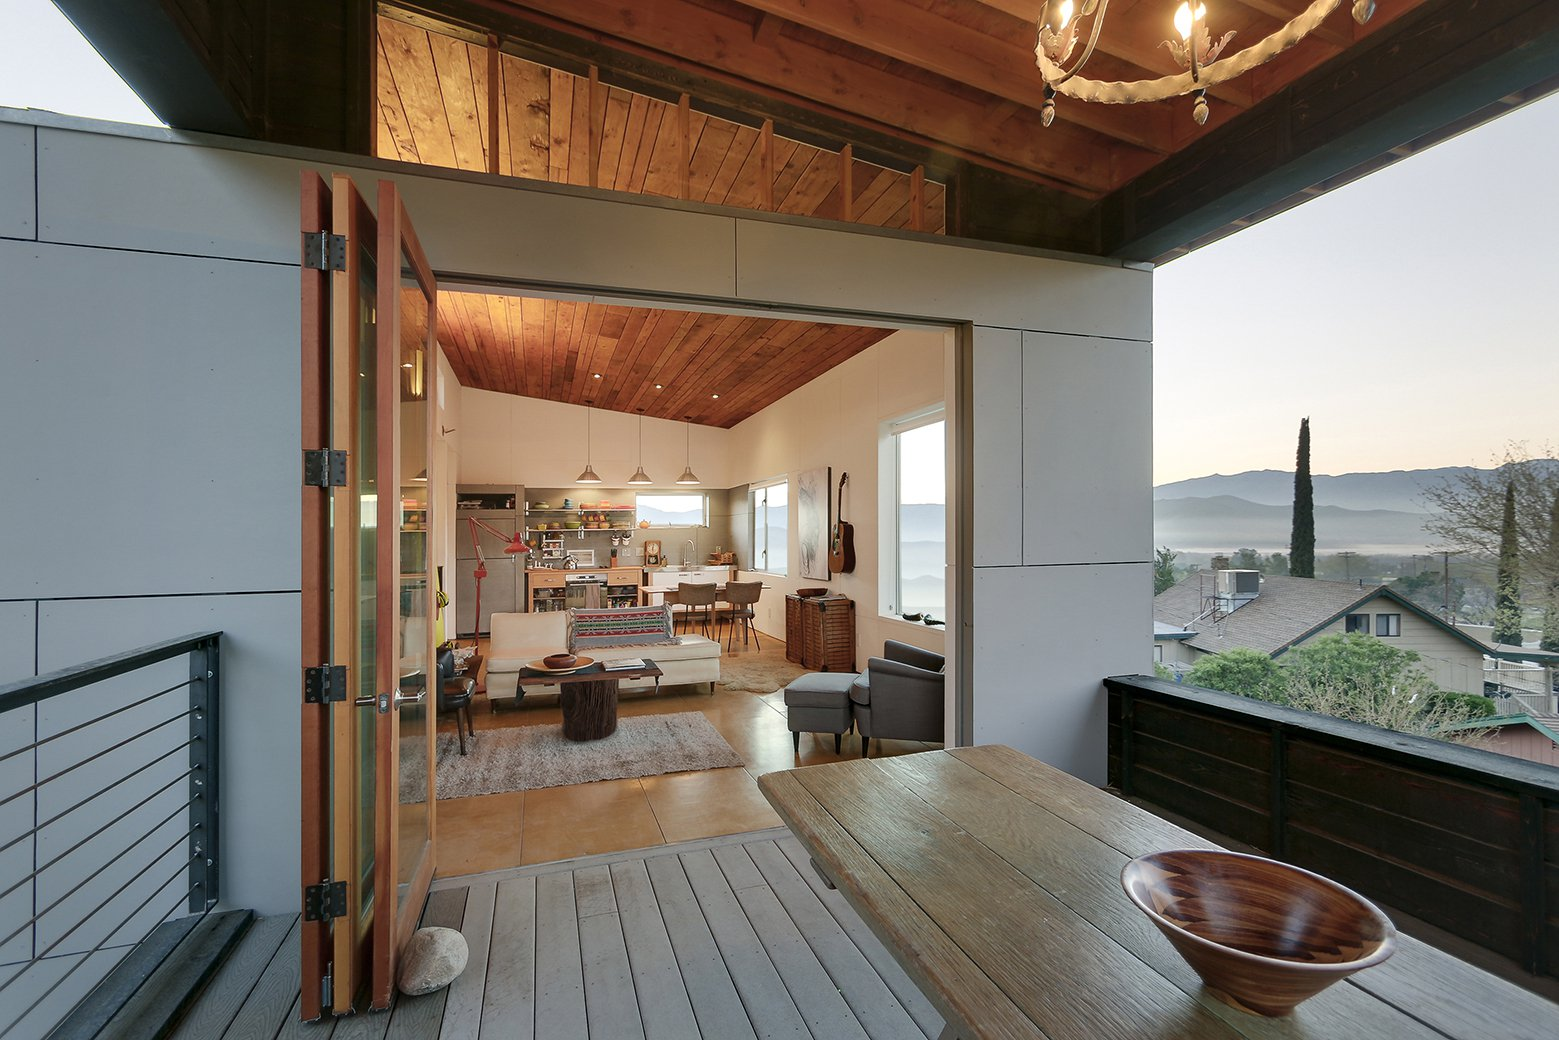 510 Cabin / Hunter Leggitt Studio (13)